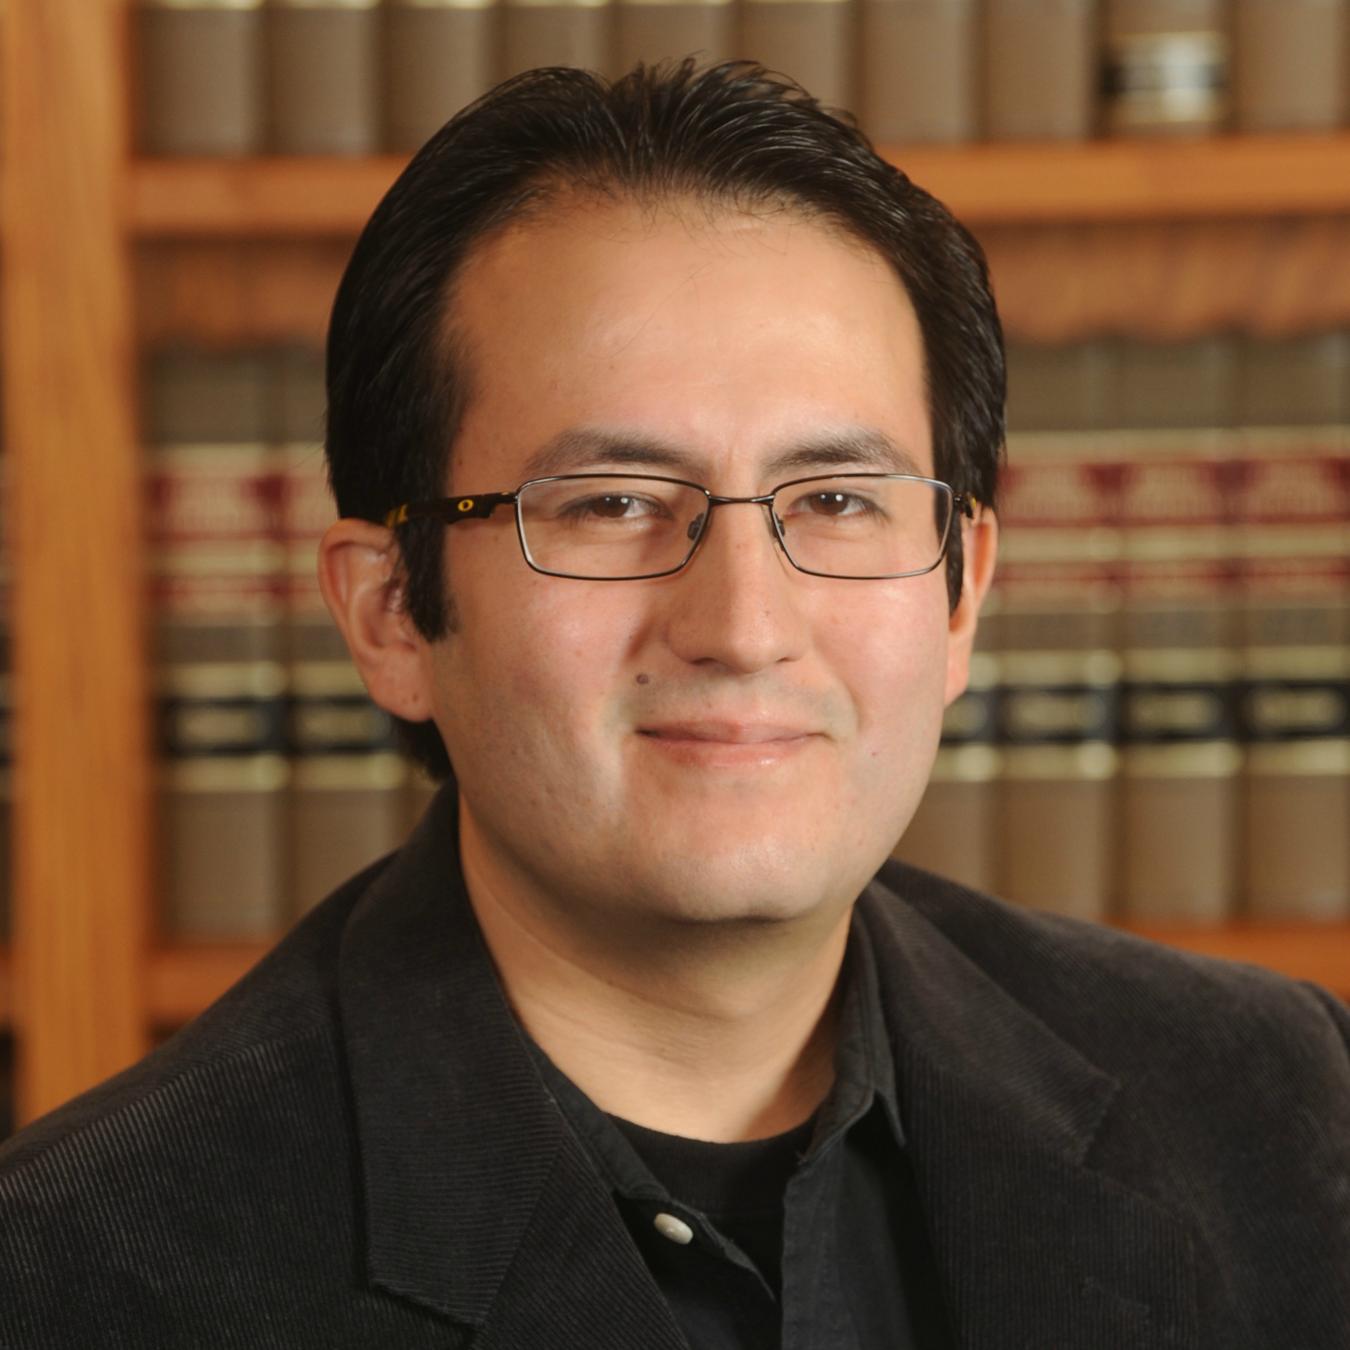 Juan Carlos Arjona Estevez